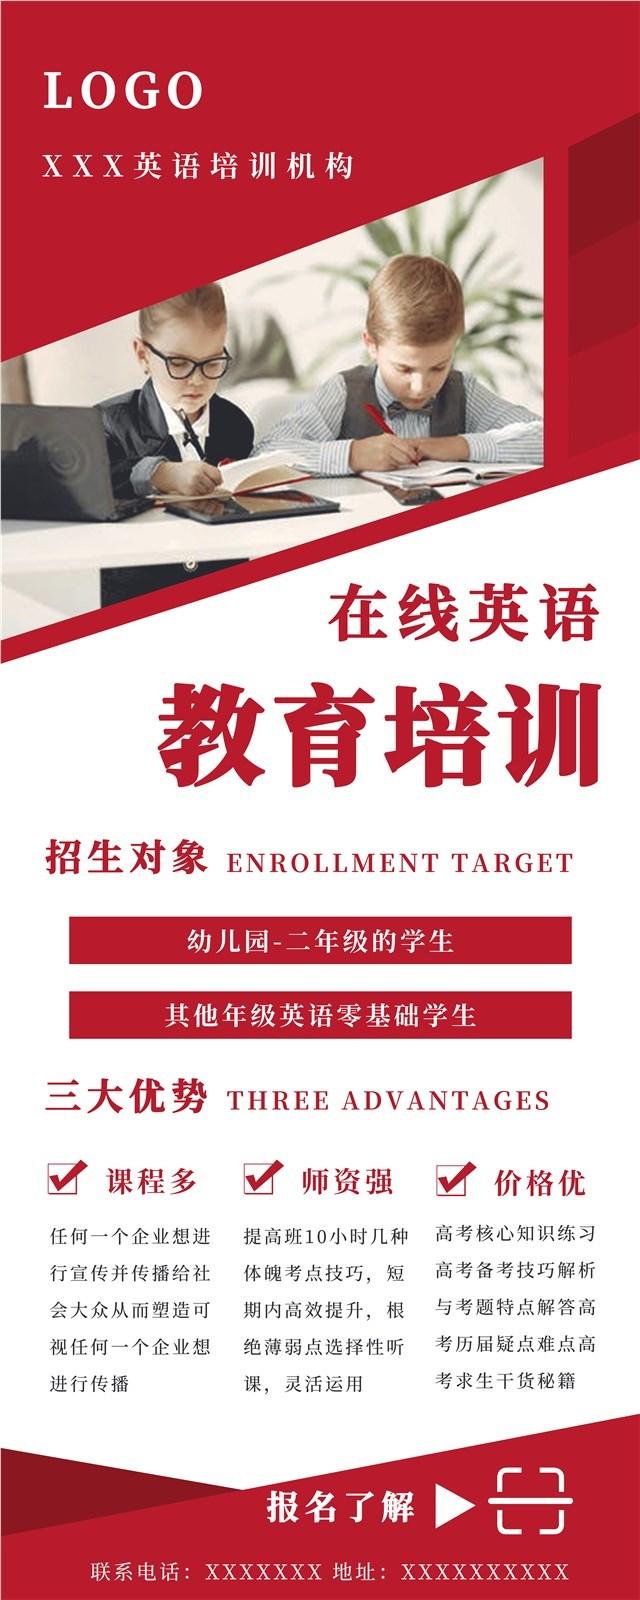 英语在线培训班招生海报图1